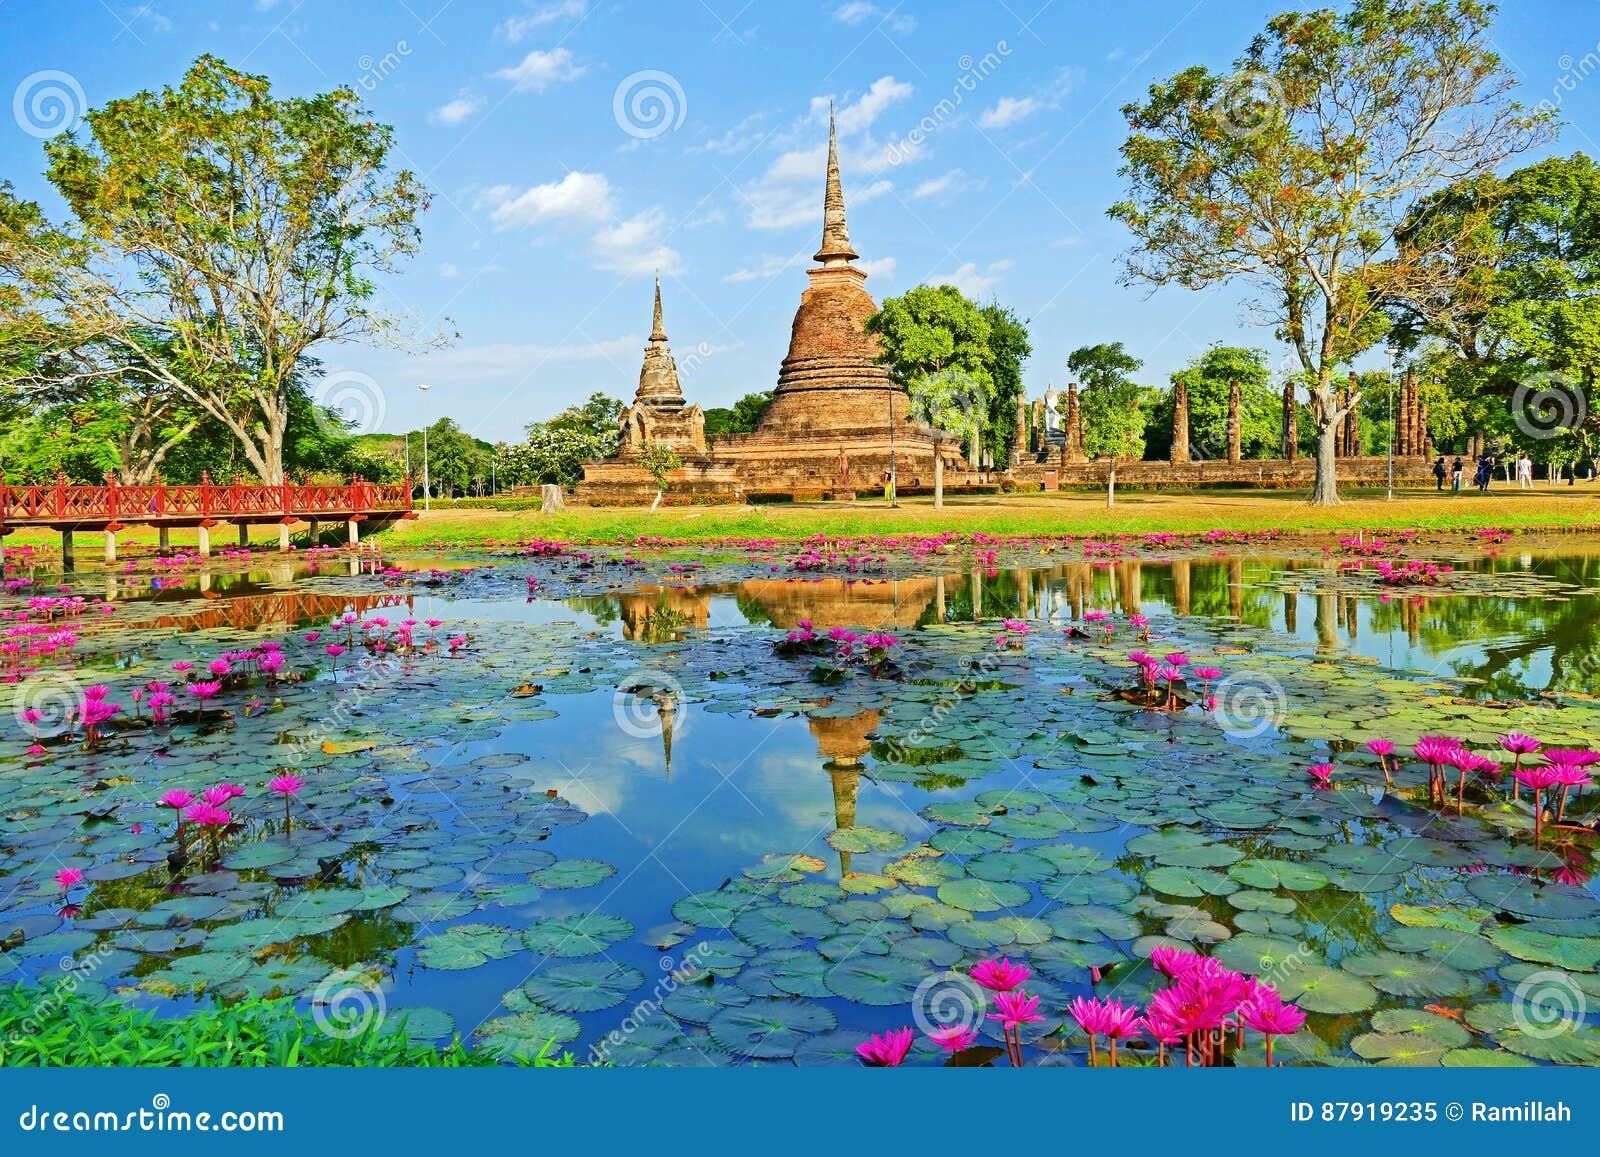 Rovine antiche del tempio buddista di bella vista scenica di paesaggio di Wat Sa Si nel parco storico di Sukhothai, Tailandia